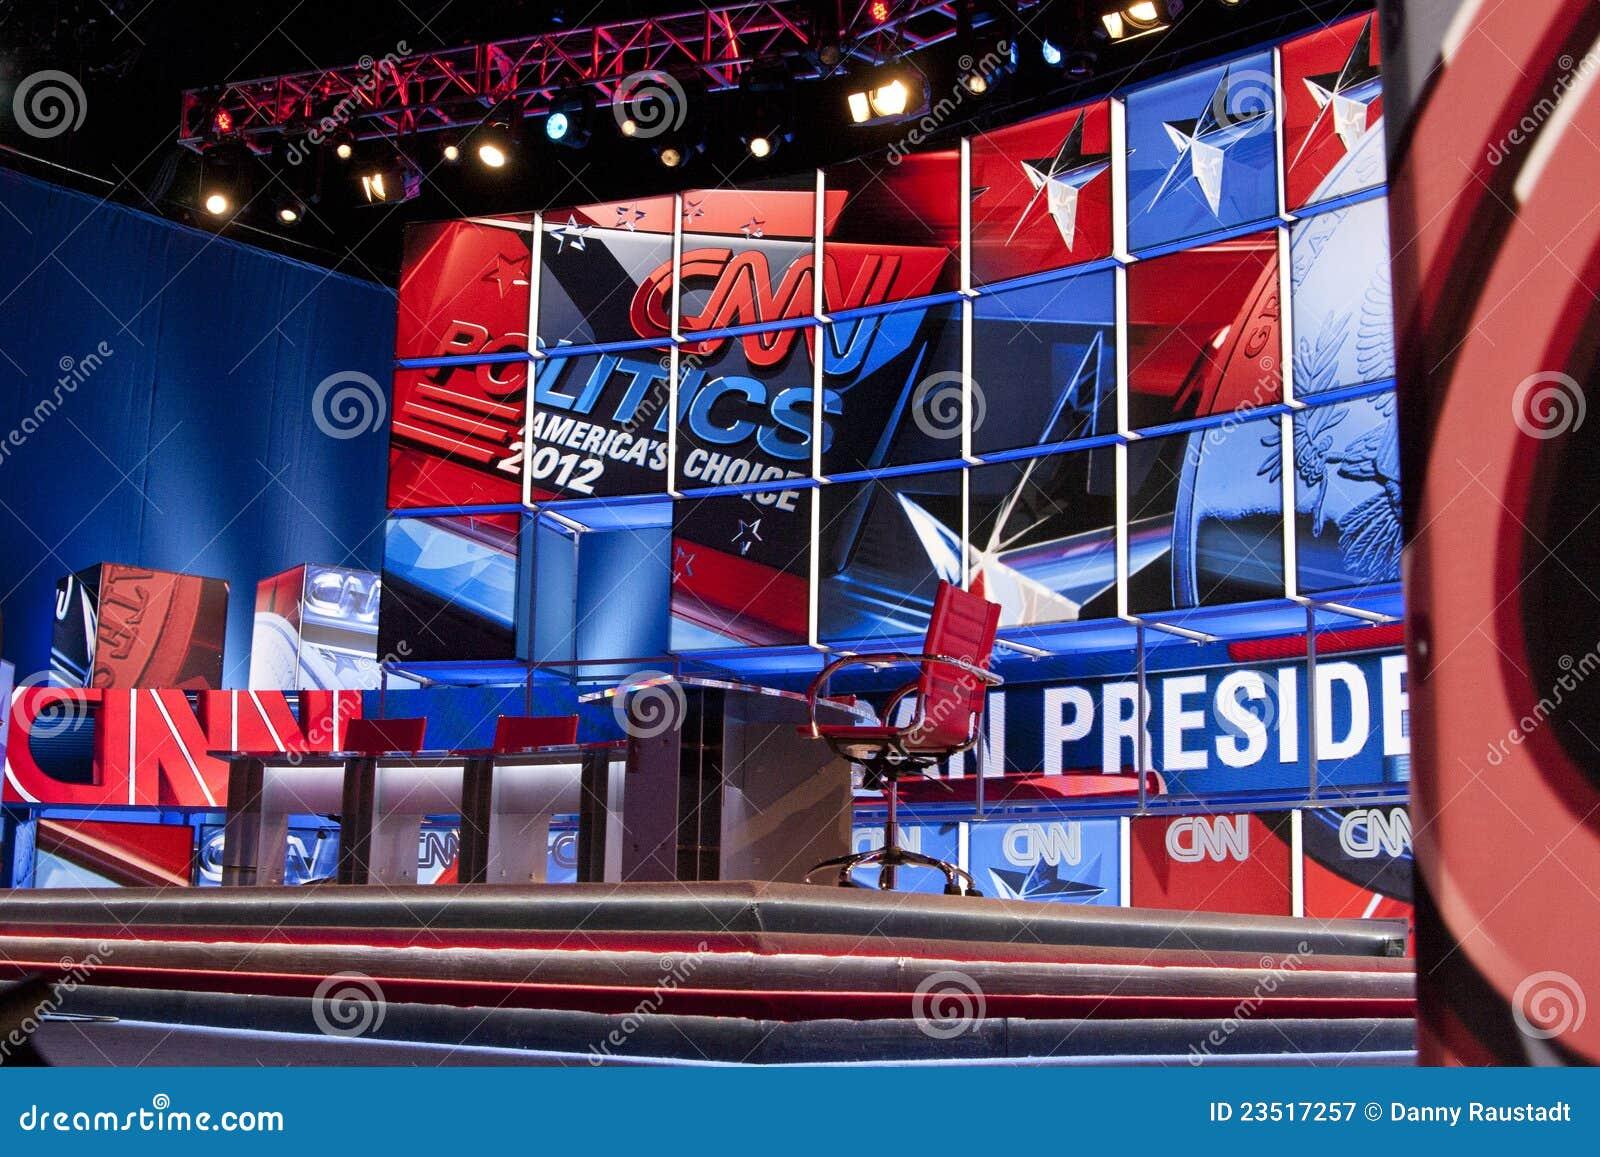 Kablowej cnn debaty ustalona sceny telewizja